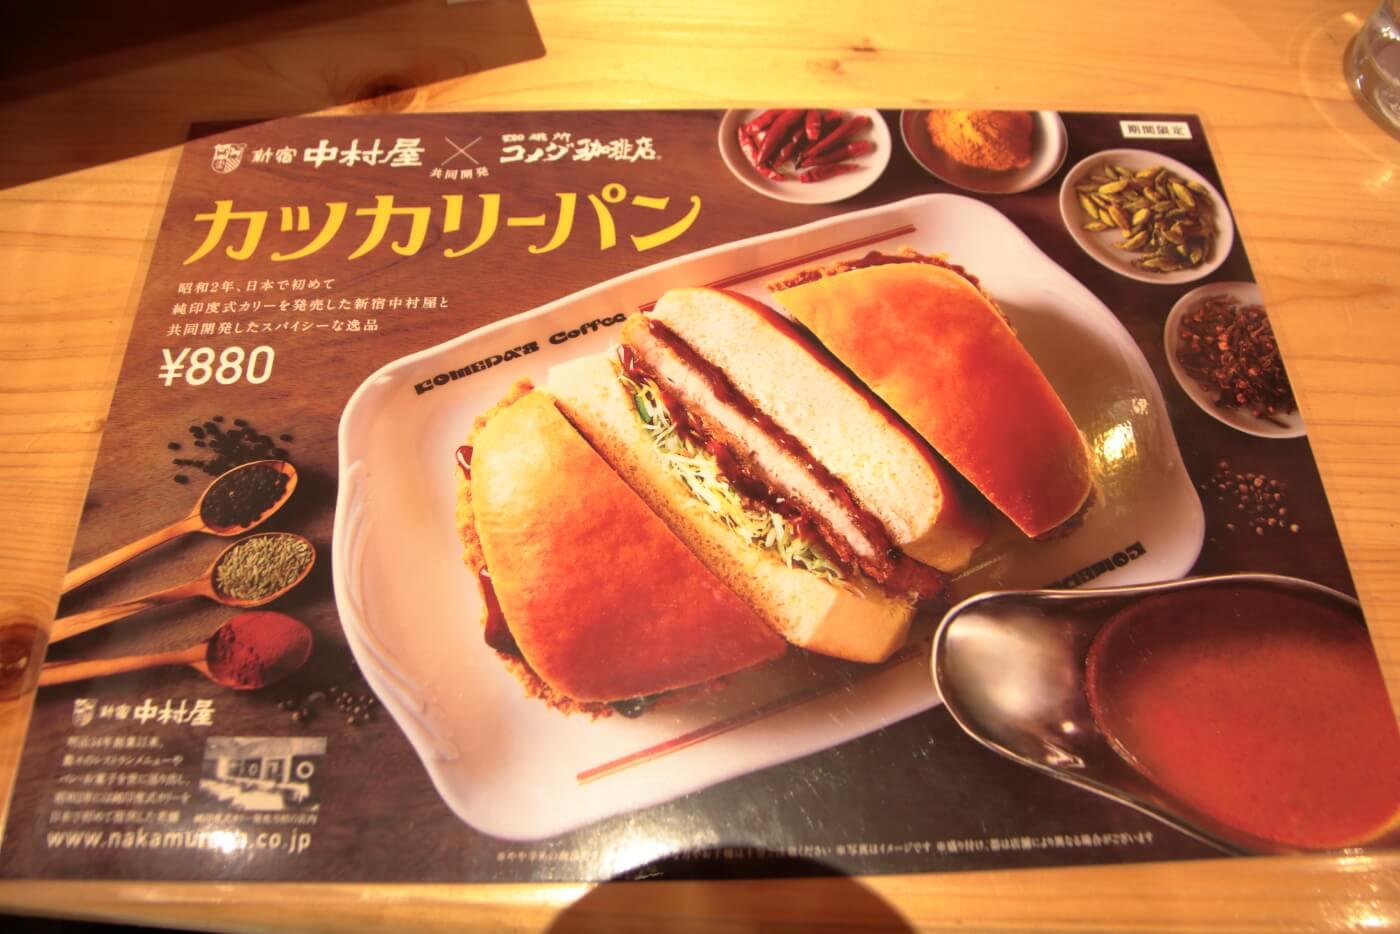 コメダ珈琲店のメニュー カツカリーパン